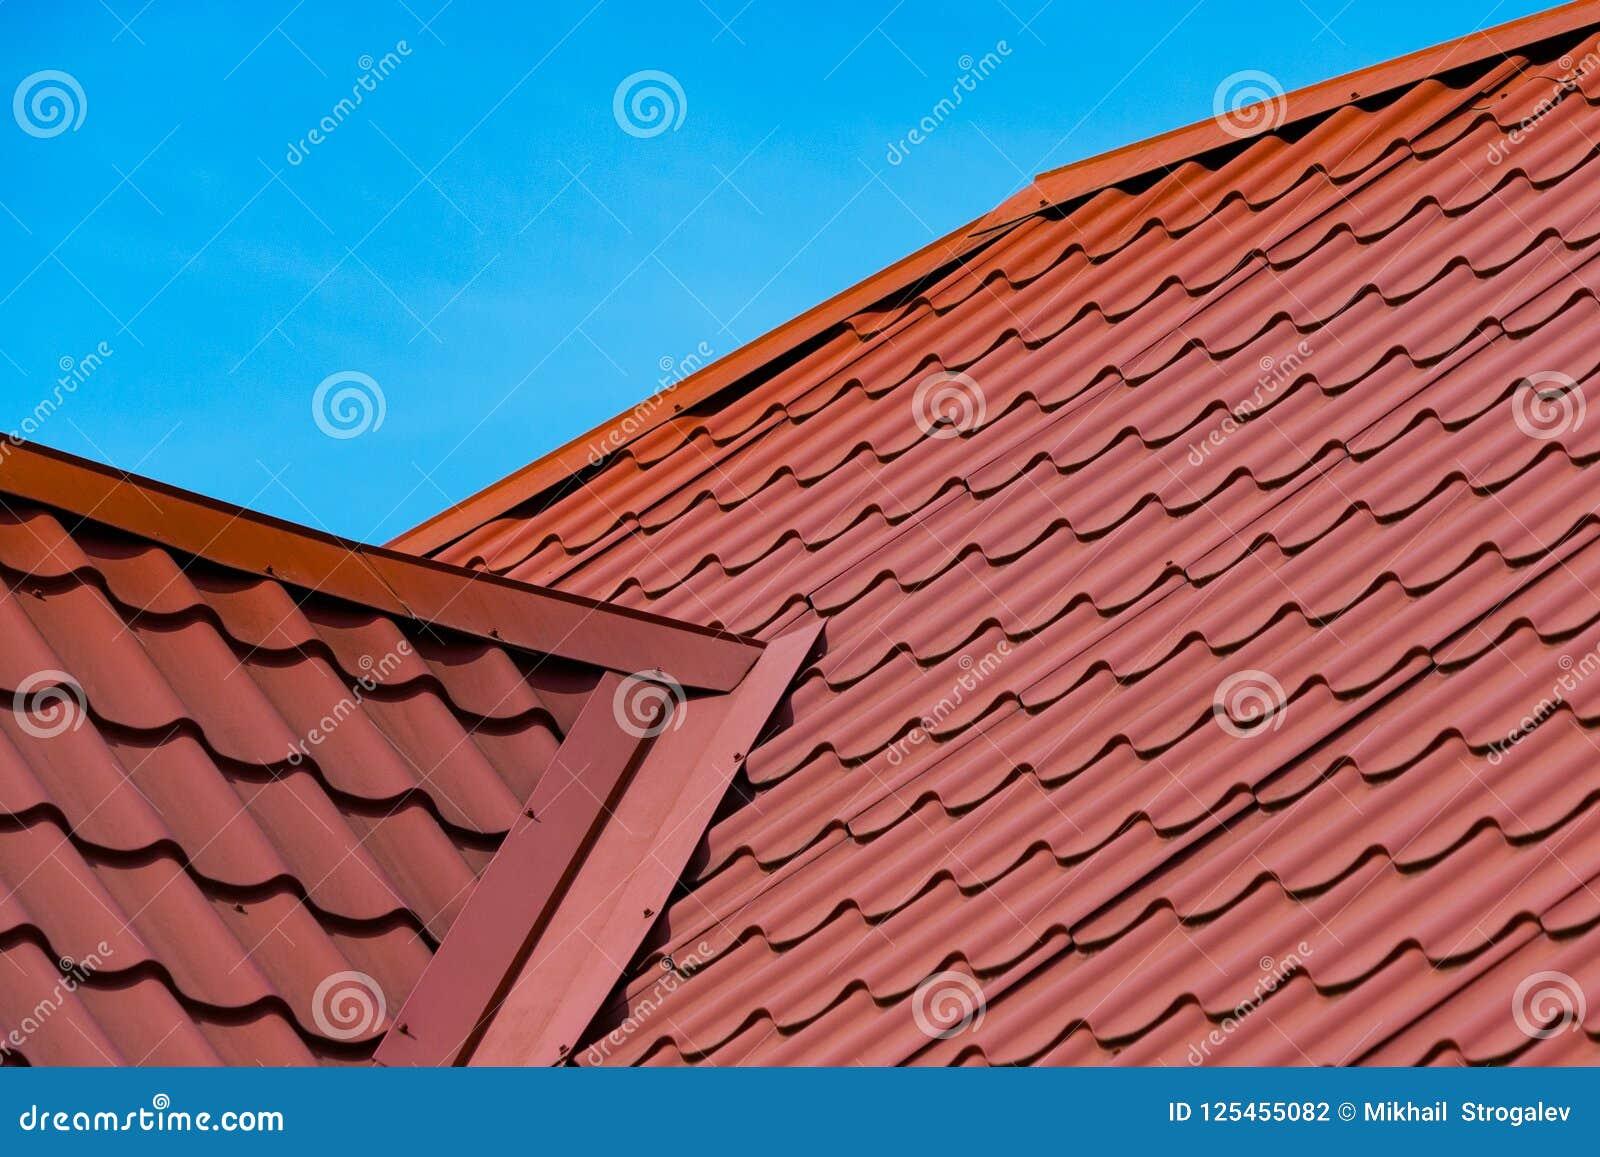 Fragment van het rode dak van de metaaltegel